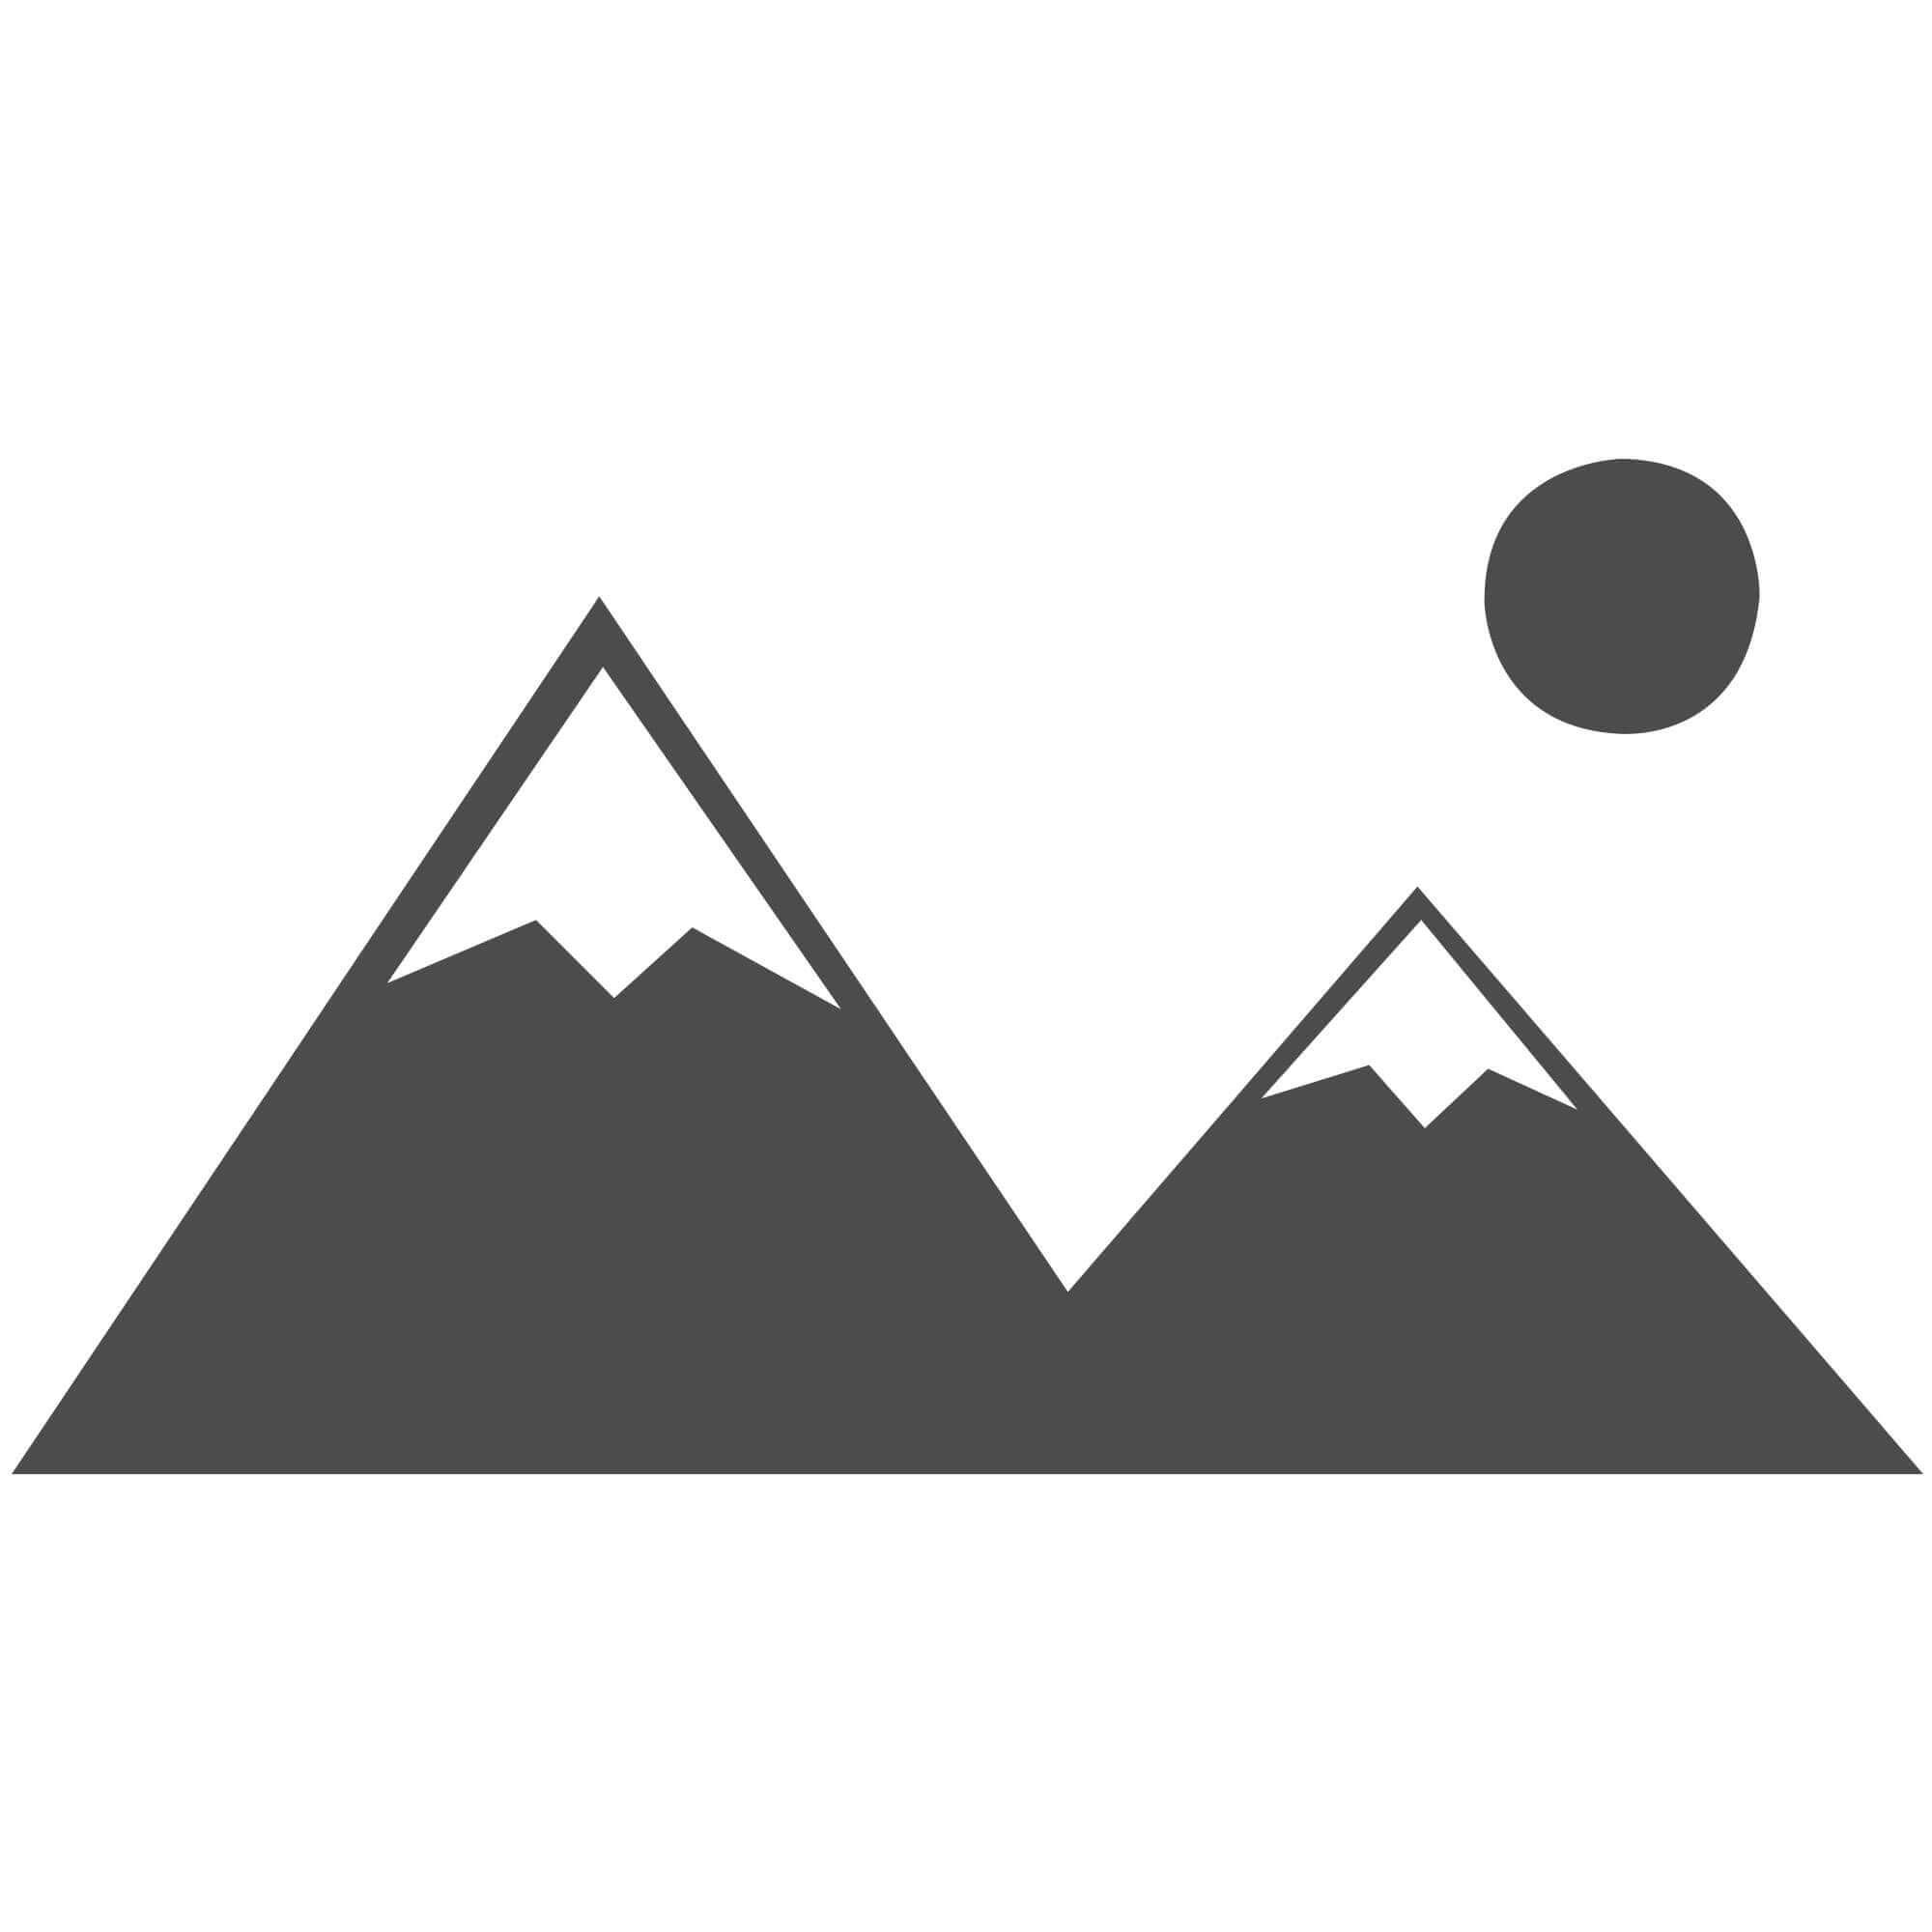 """New Vintage Azur 8015 Rug by Louis de Poortere-200 x 280 cm (6'7"""" x 9'2"""")"""